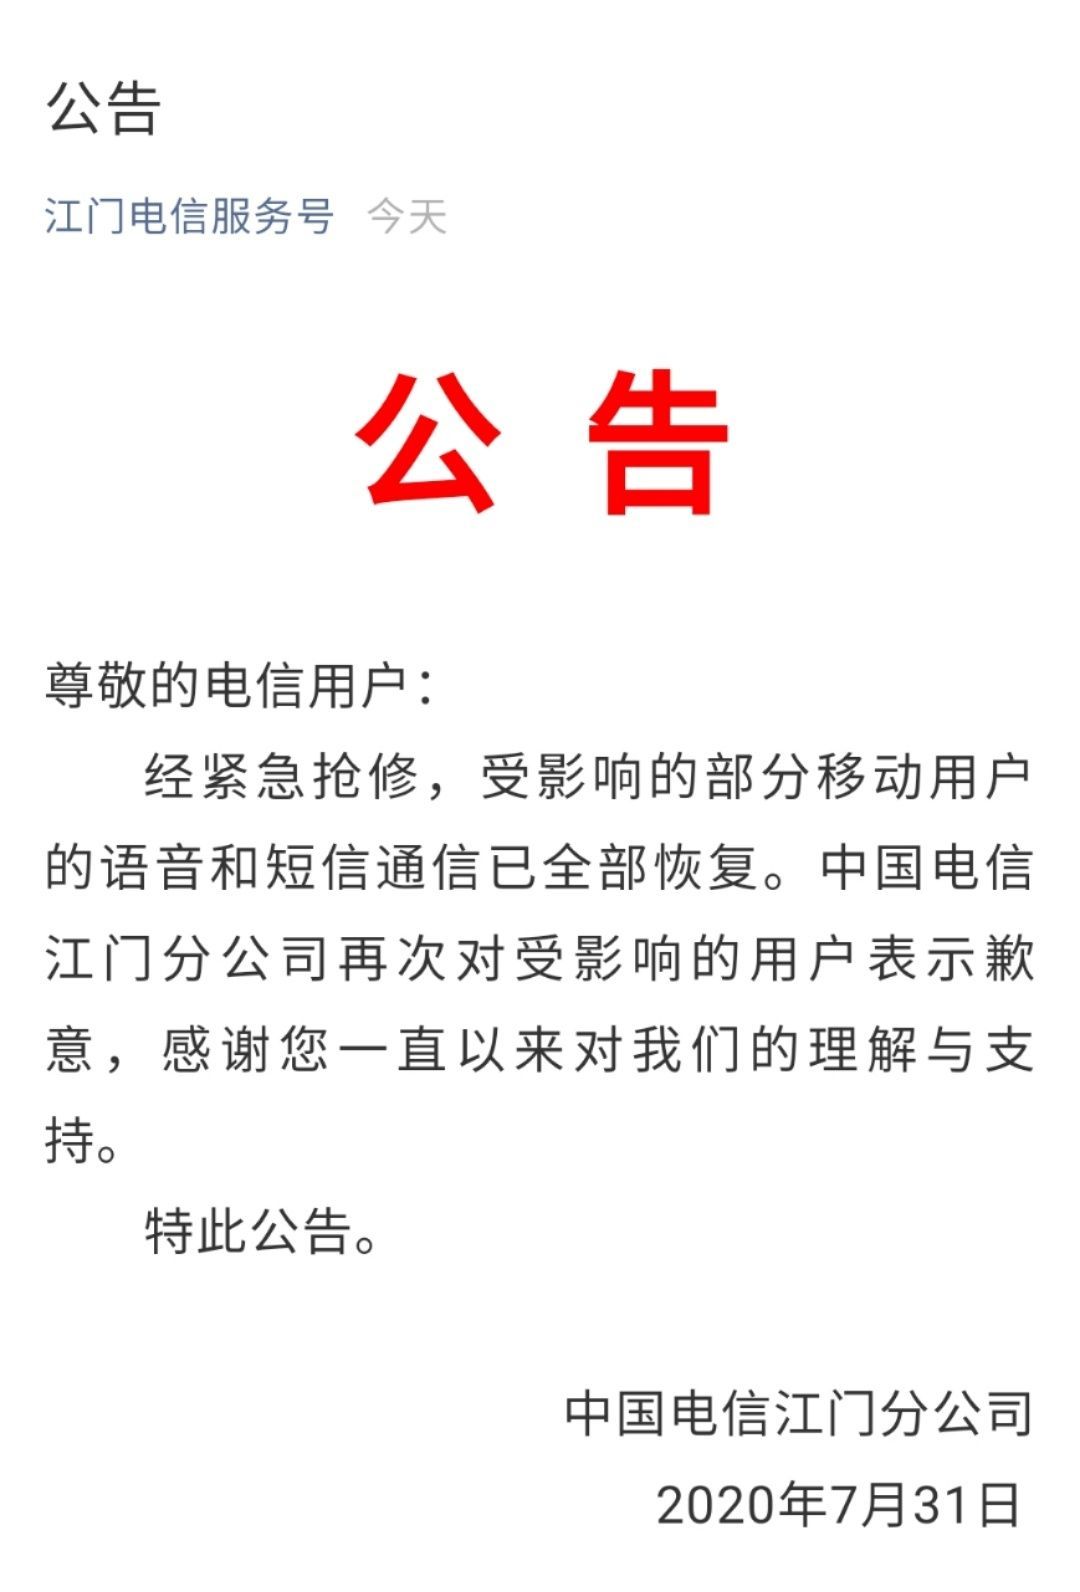 江门电信:受影响的部分移动用户语音和短信通信已全部恢复